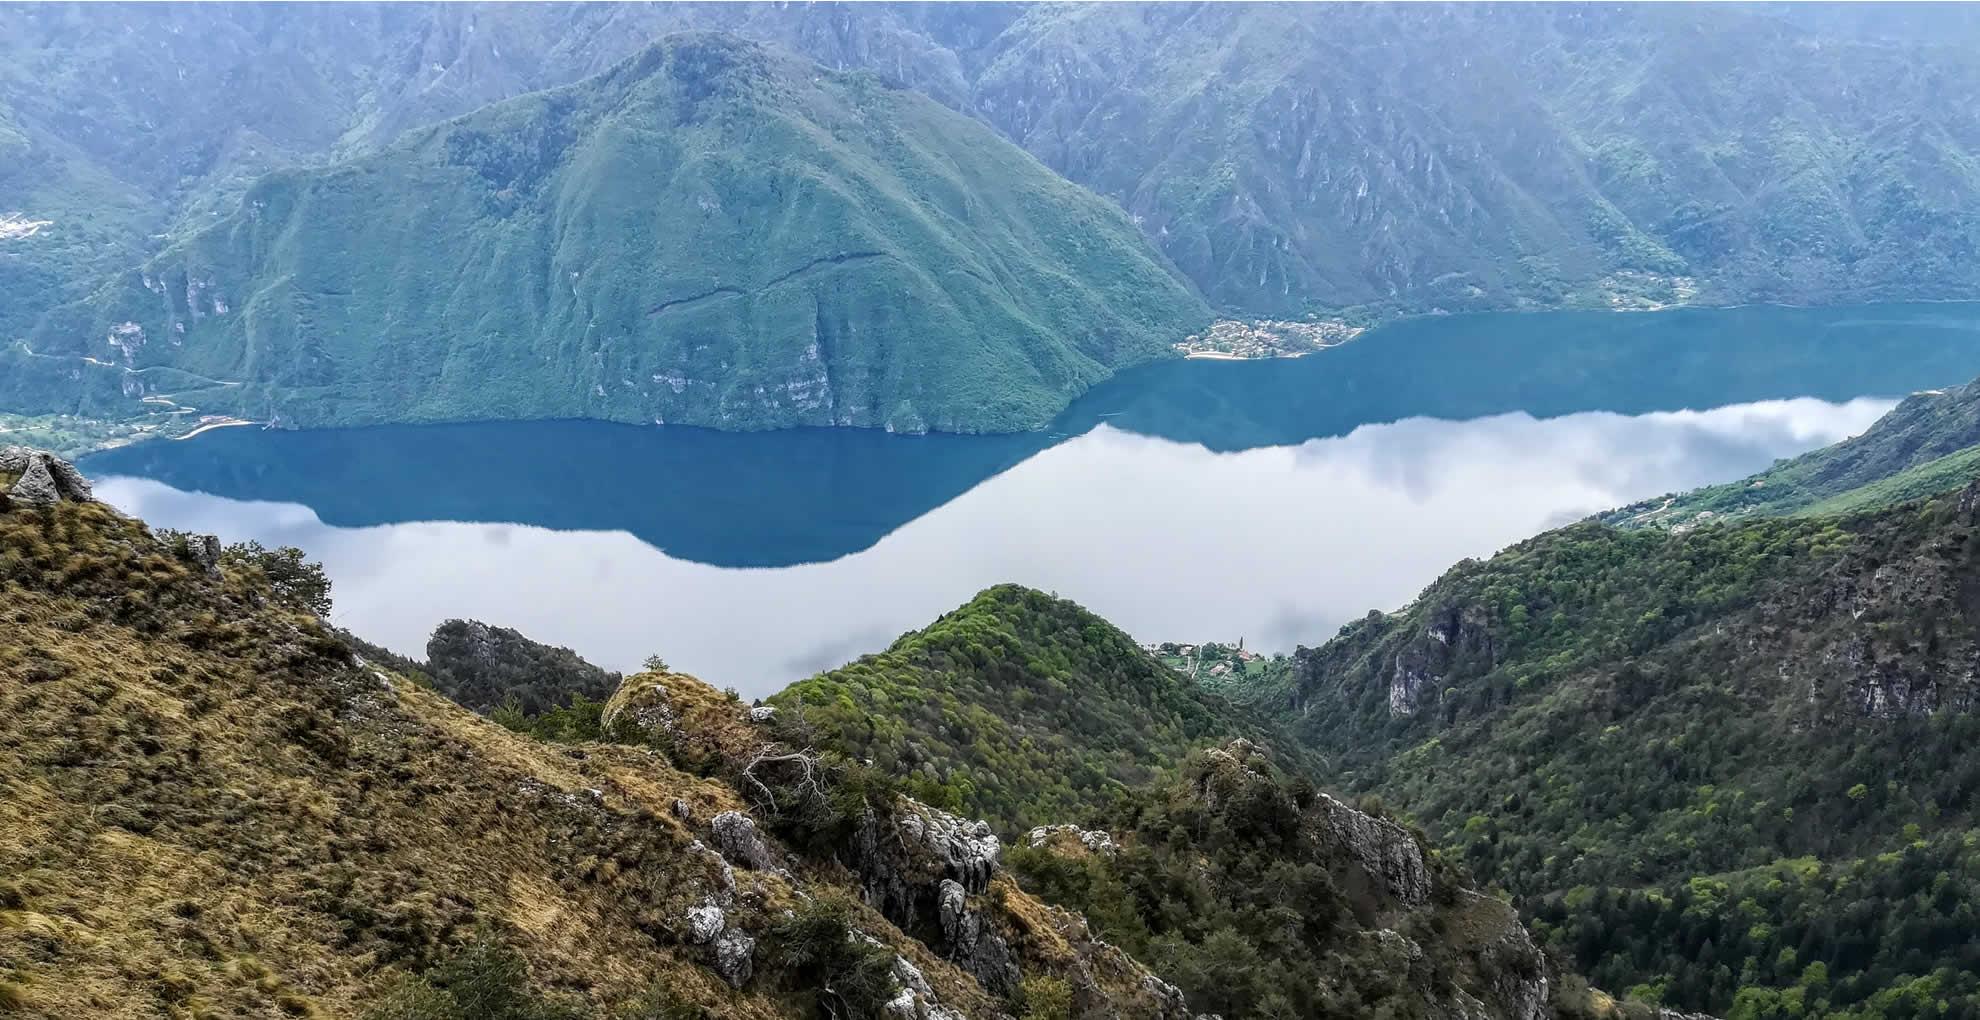 Vista panoramica sulle rive orientali del lago in prossimita dell'abitato di Vesta